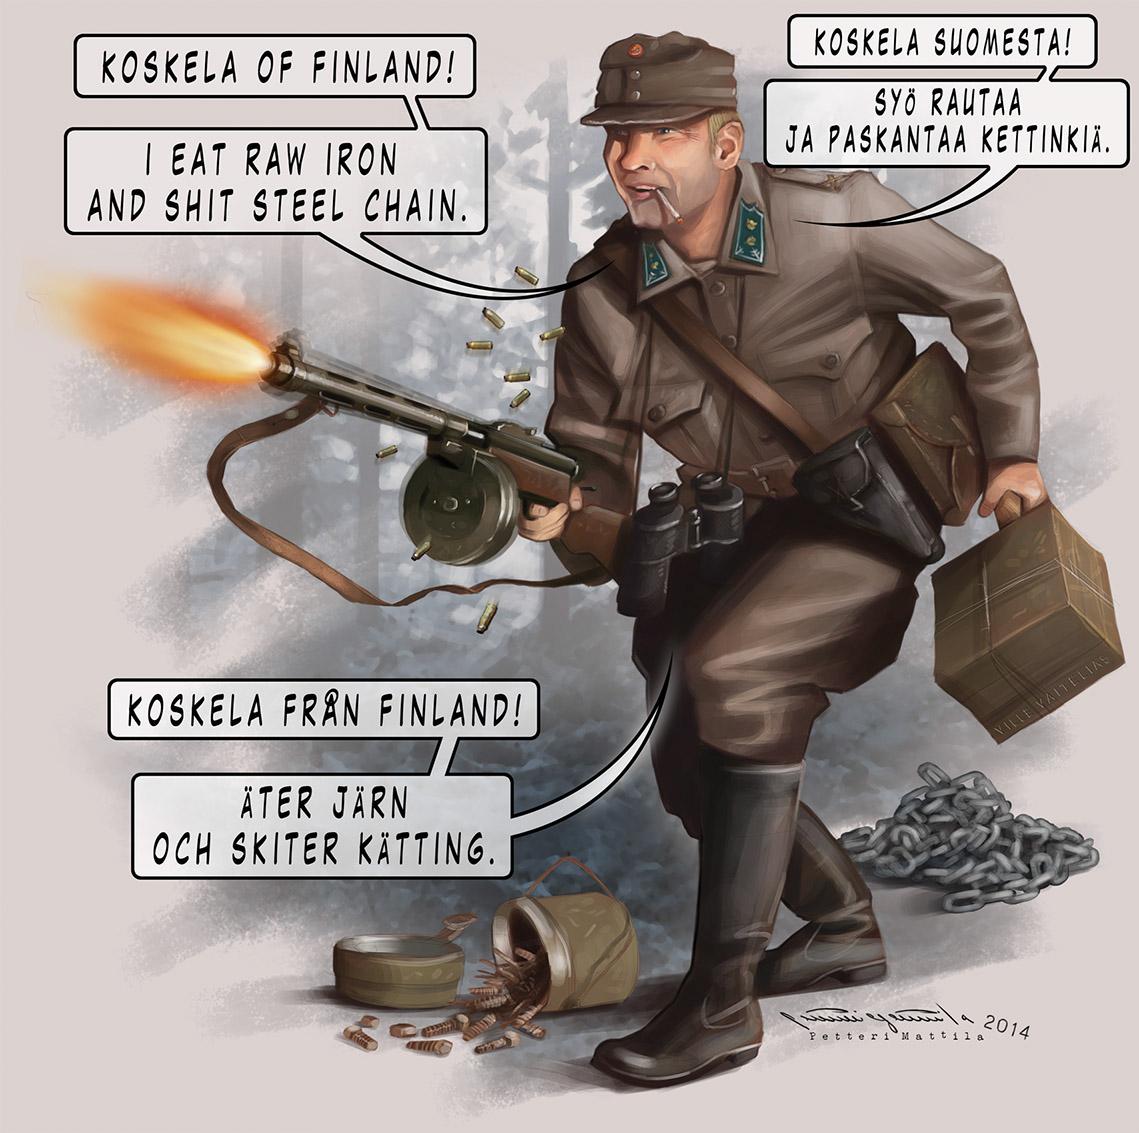 WWII Finnish soldier Lieutenant Koskela on Behance